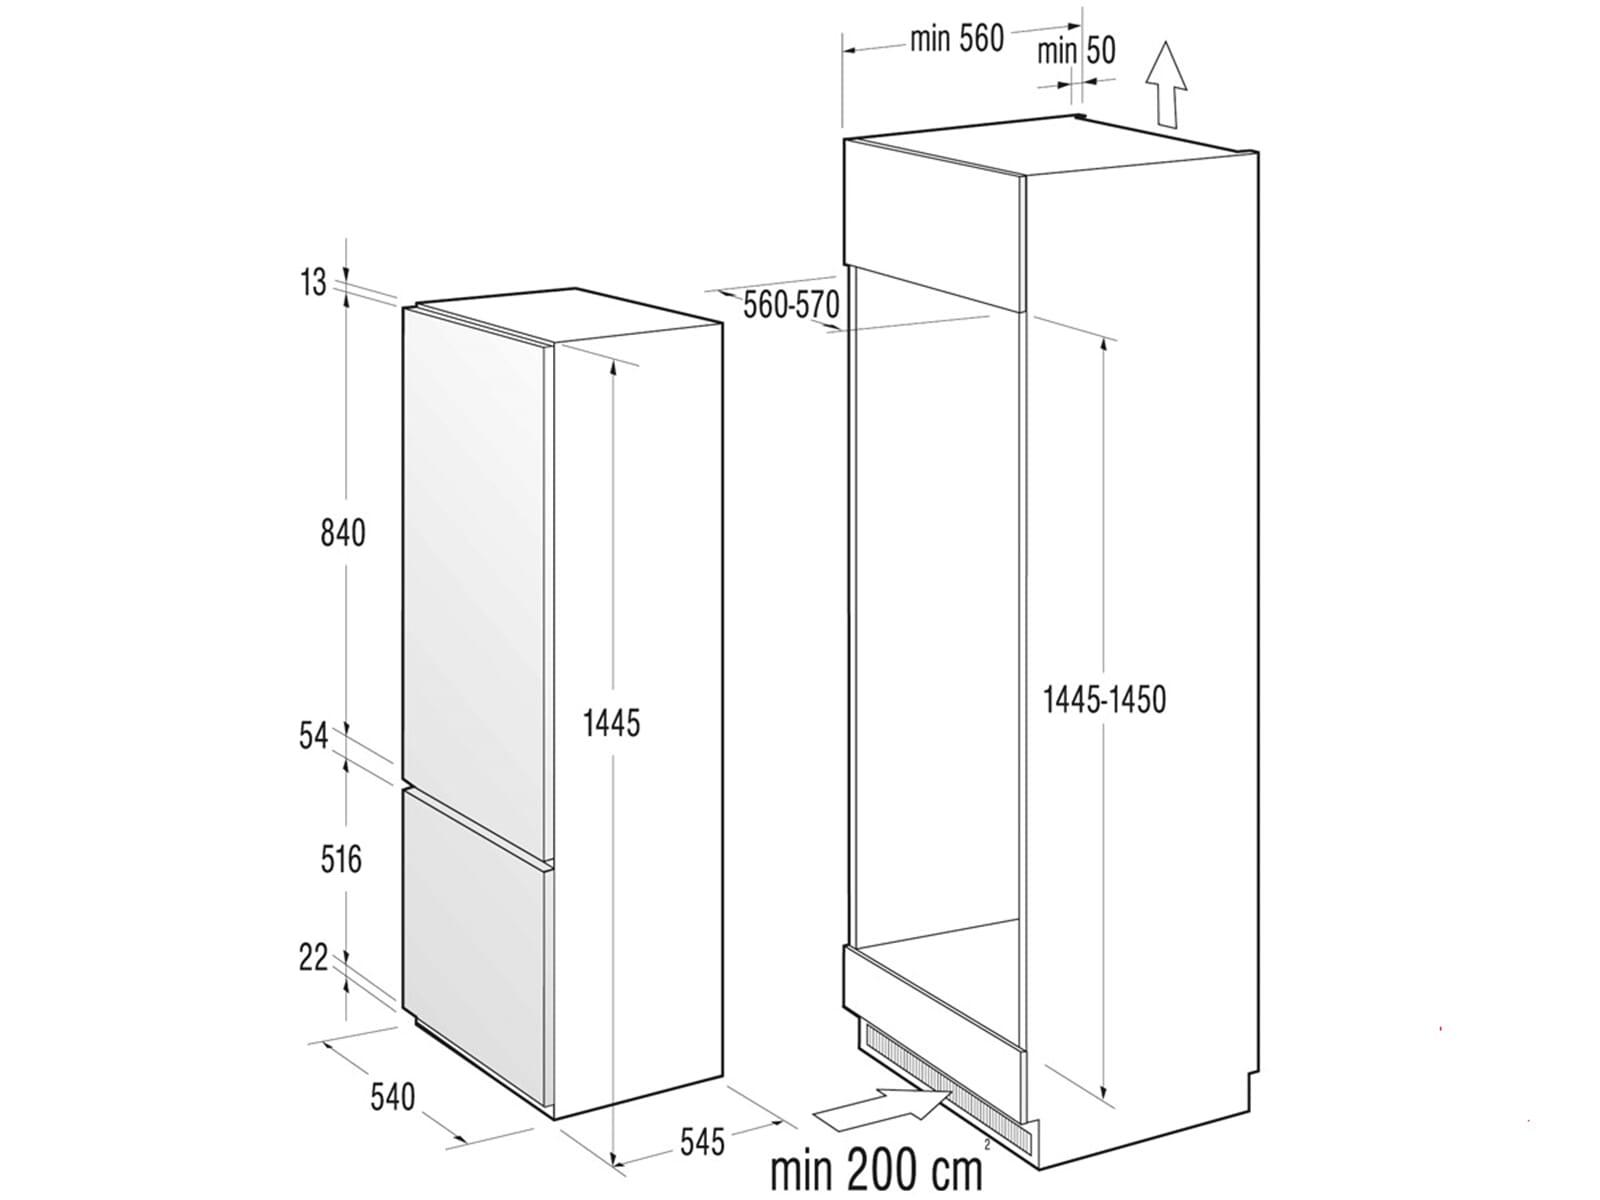 gorenje rki 4151 aw einbau k hl gefrier kombination. Black Bedroom Furniture Sets. Home Design Ideas